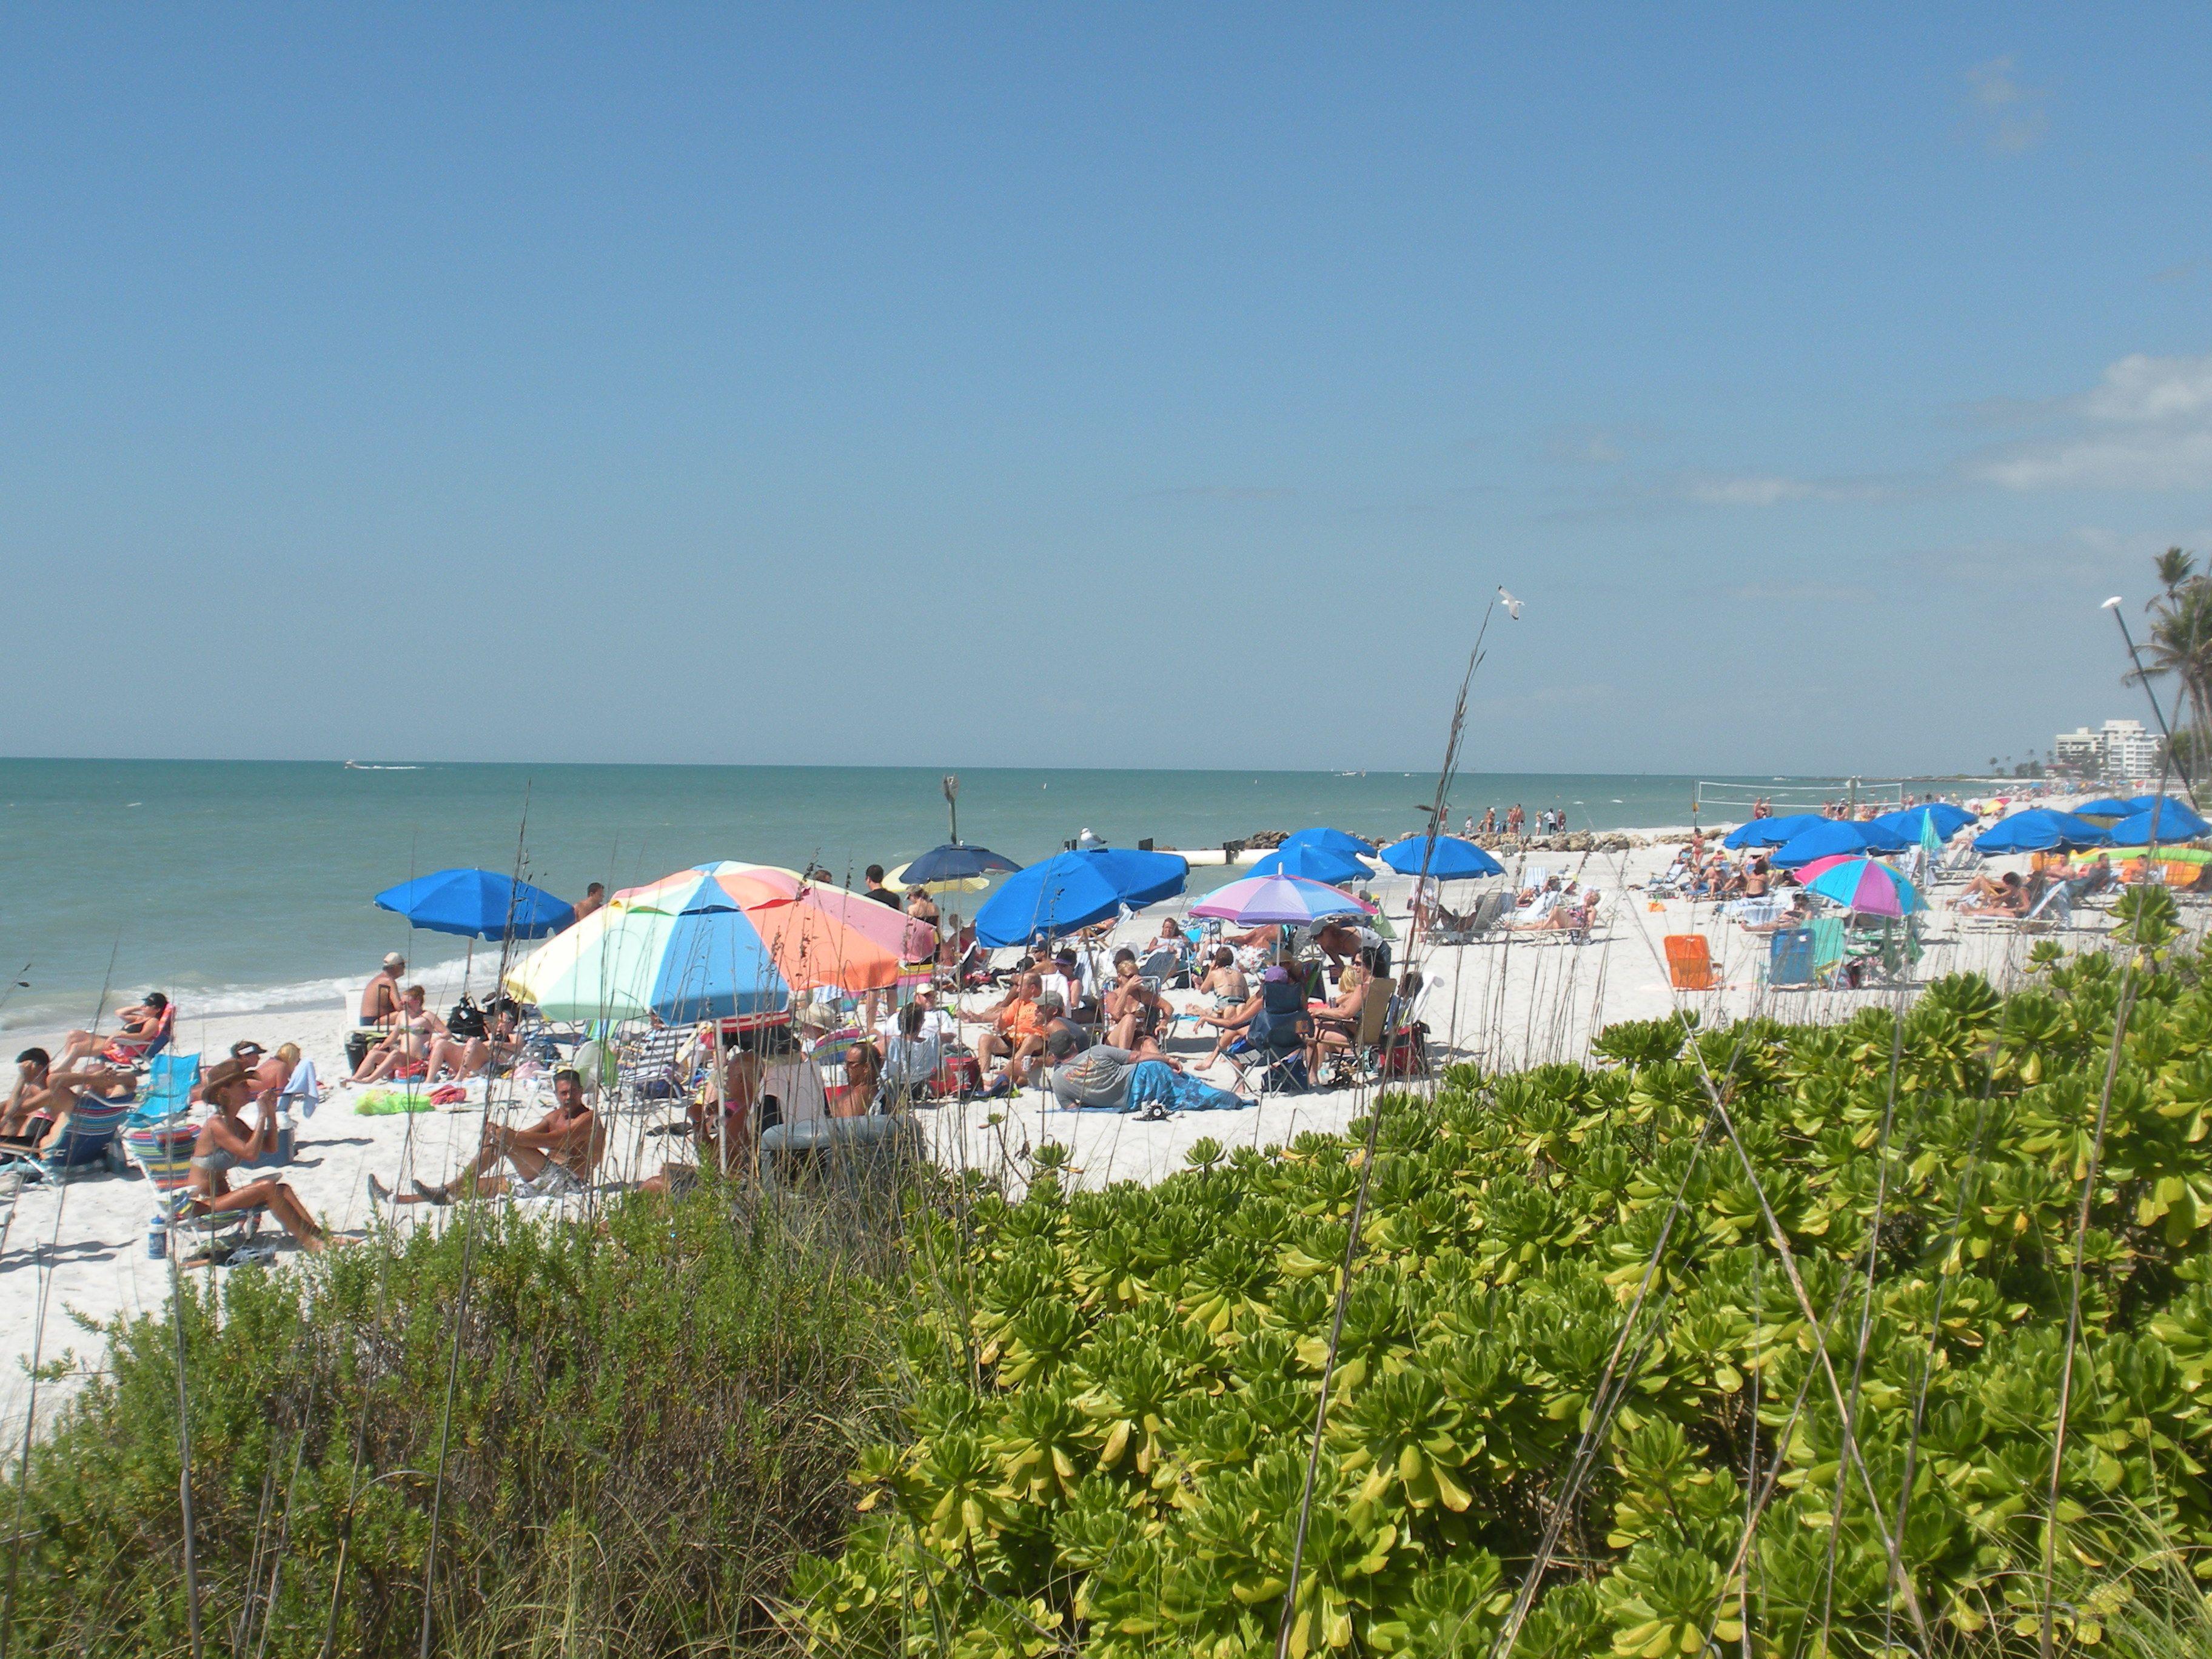 Naples, FloridaUS Paradise! www.naplesfloridaparadise